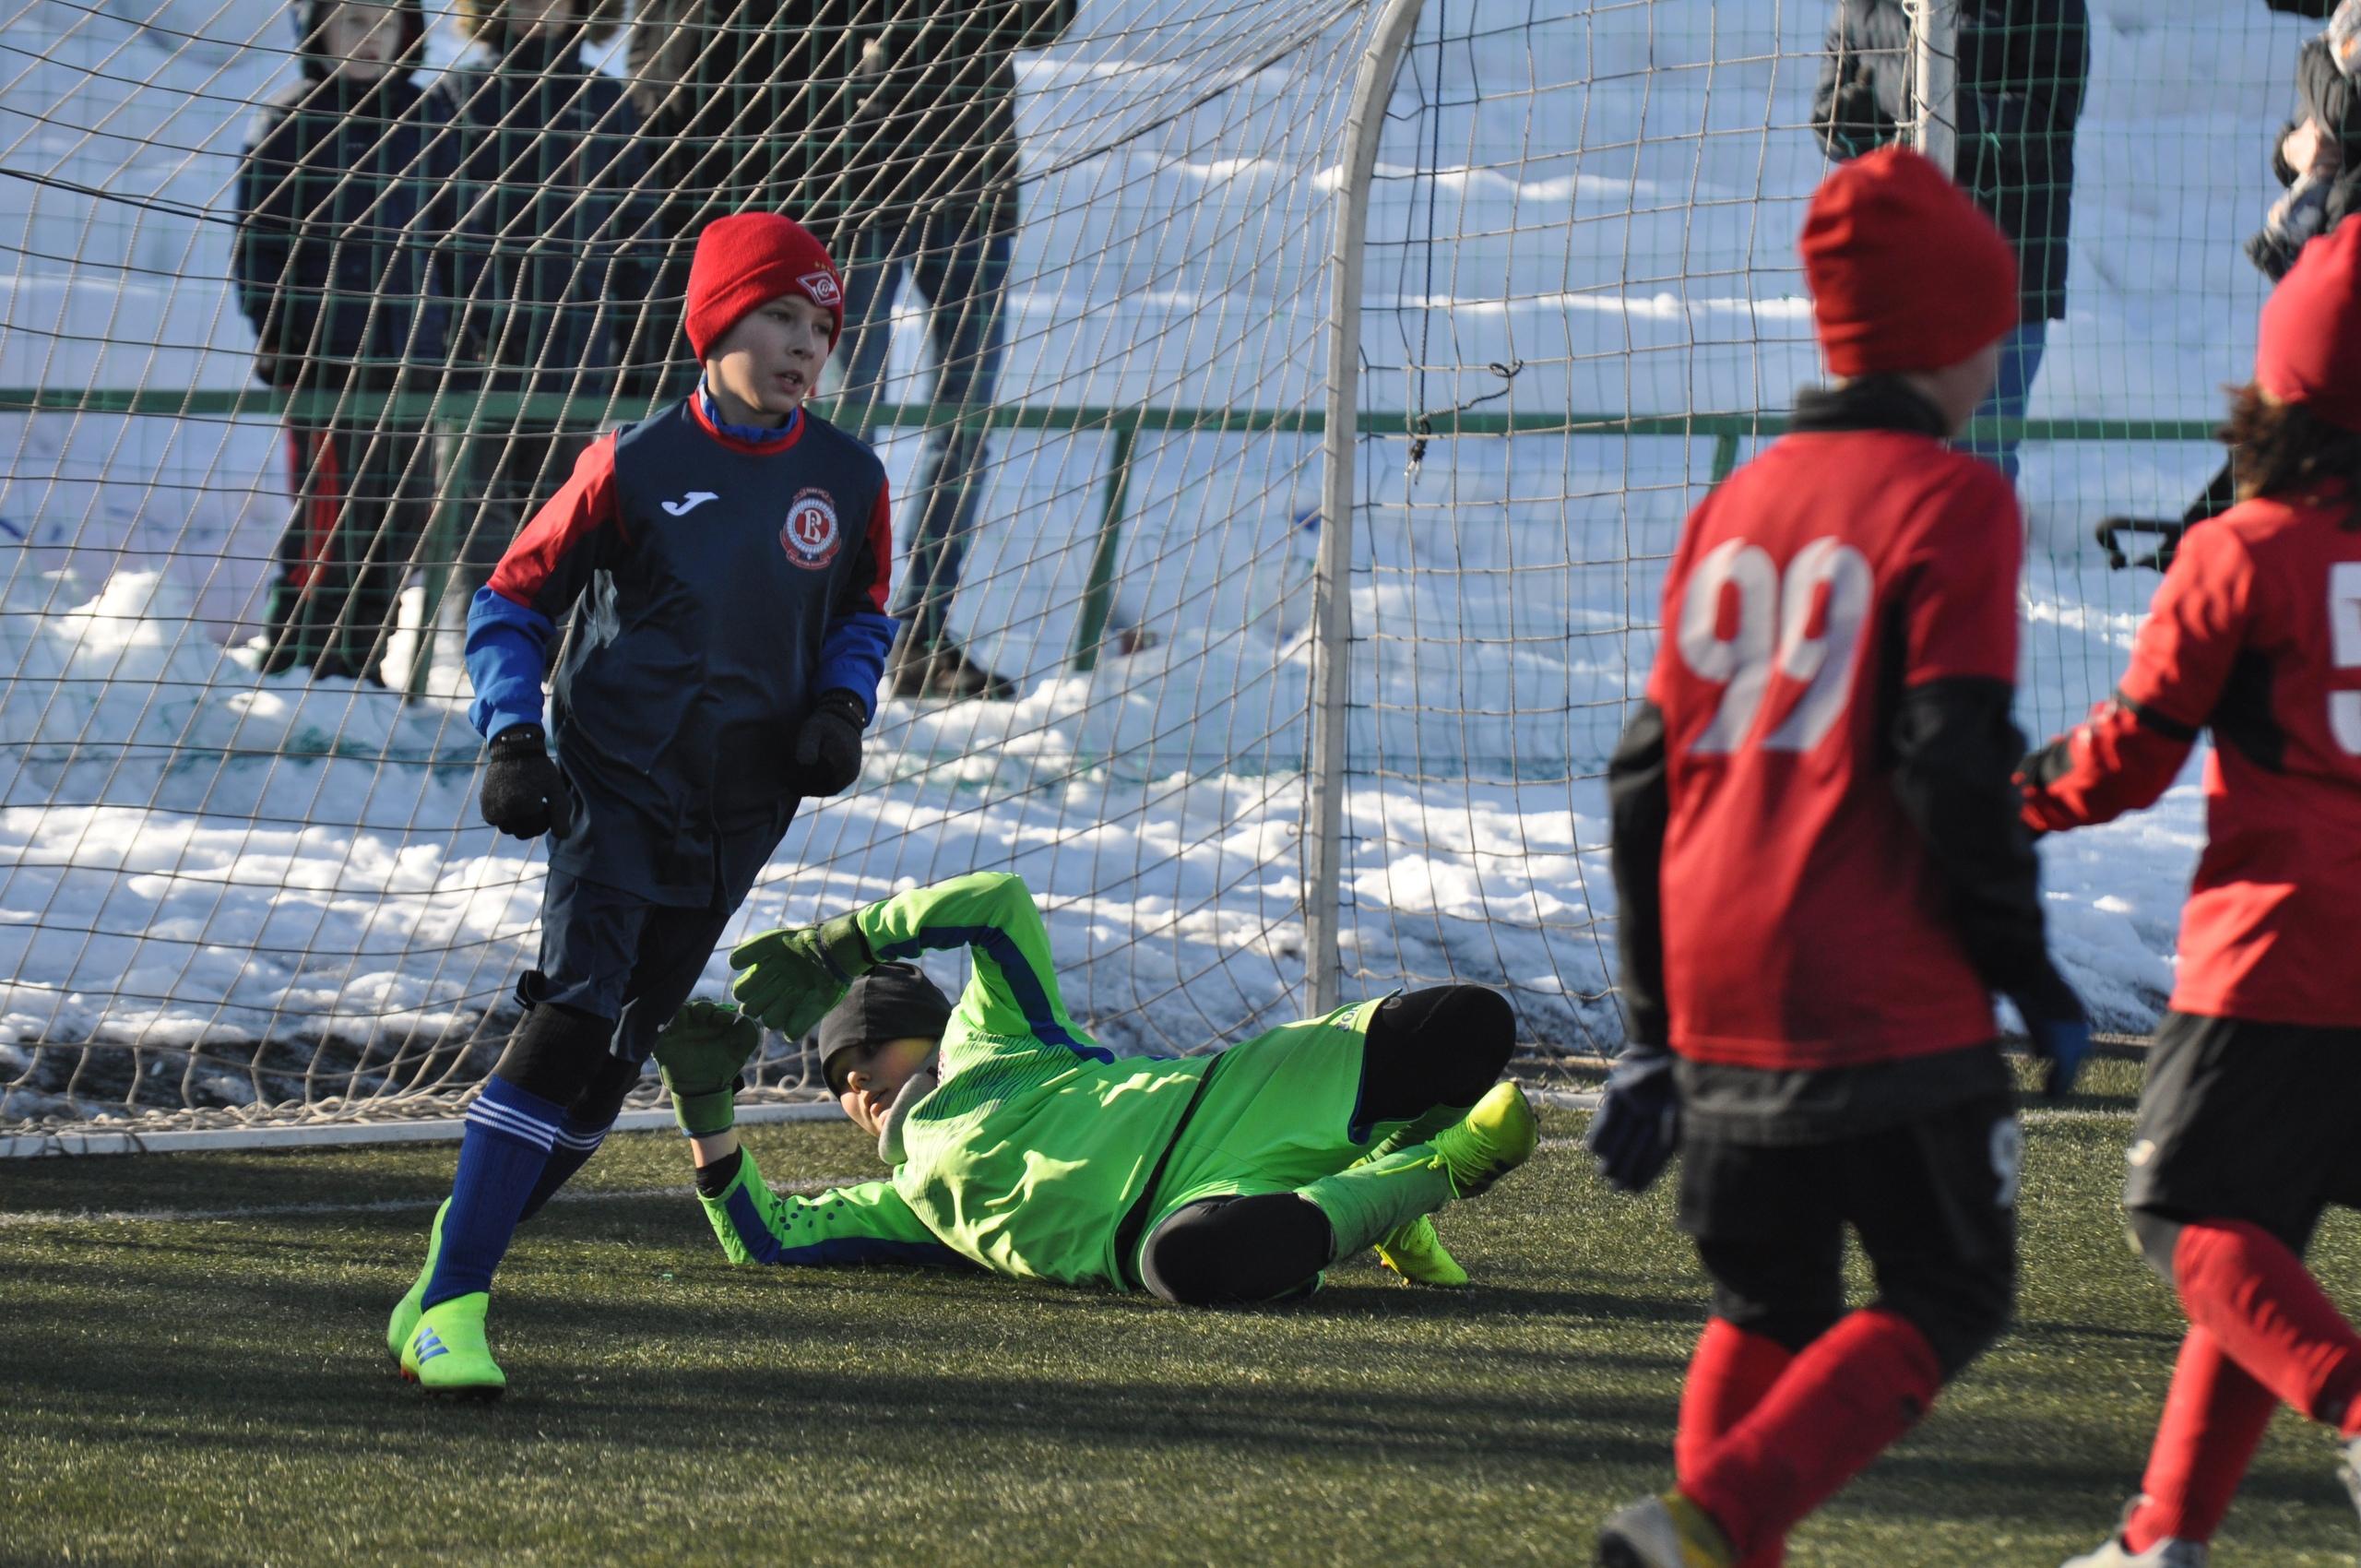 Футбольная школа «Витязь» заняла третье место в Зимнем Первенстве Москвы среди Первой лиги